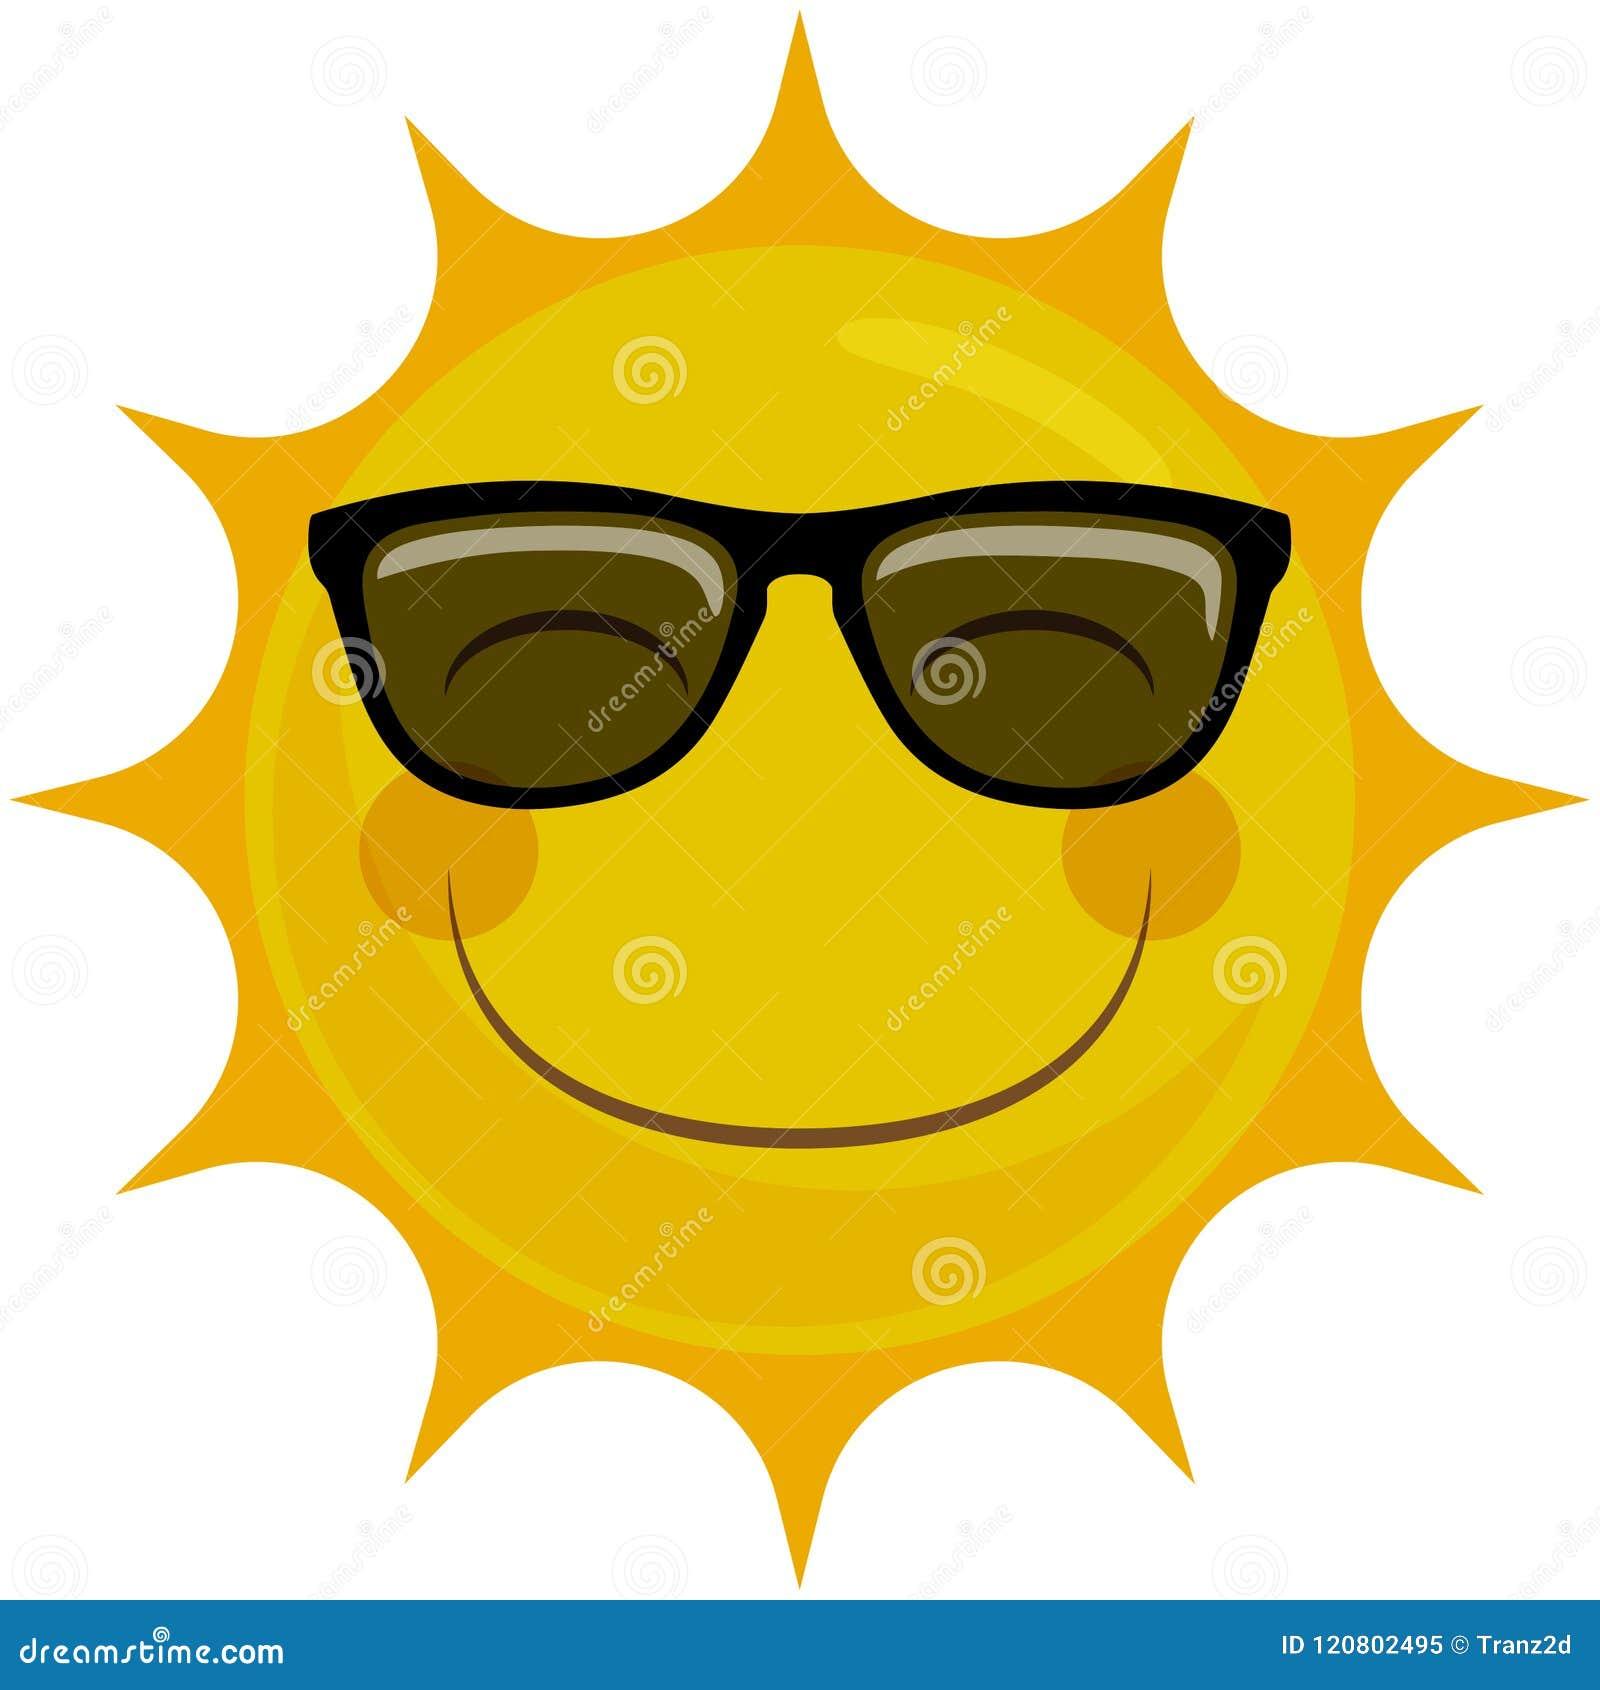 Del Sol Sonriente Las Gafas Sun Con Carácter Feliz De Ilustración vwNm8n0O